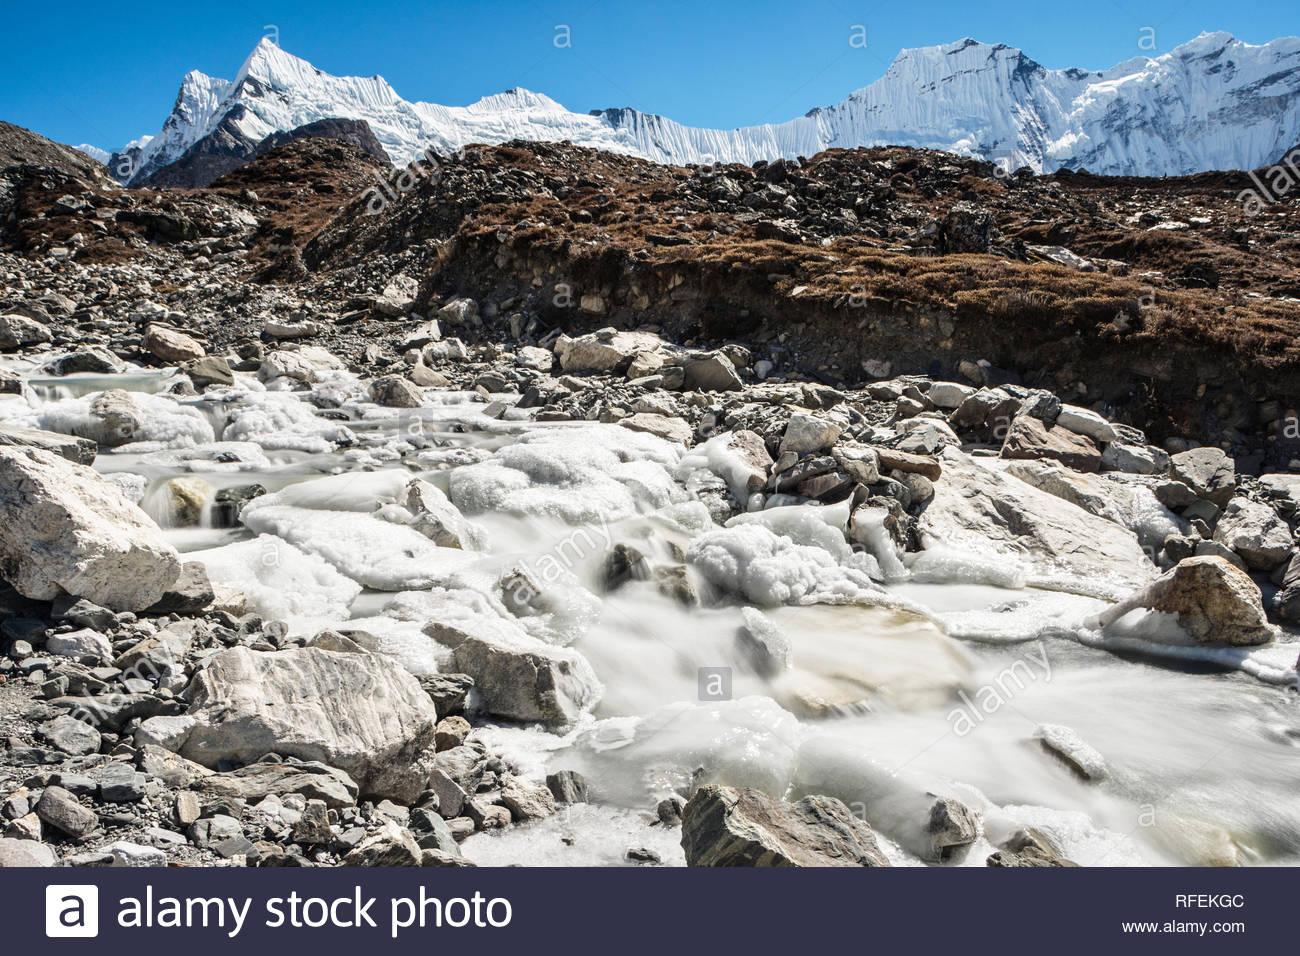 Glacial river and Chukhung glacier, Sagarmatha, Nepal - Stock Image